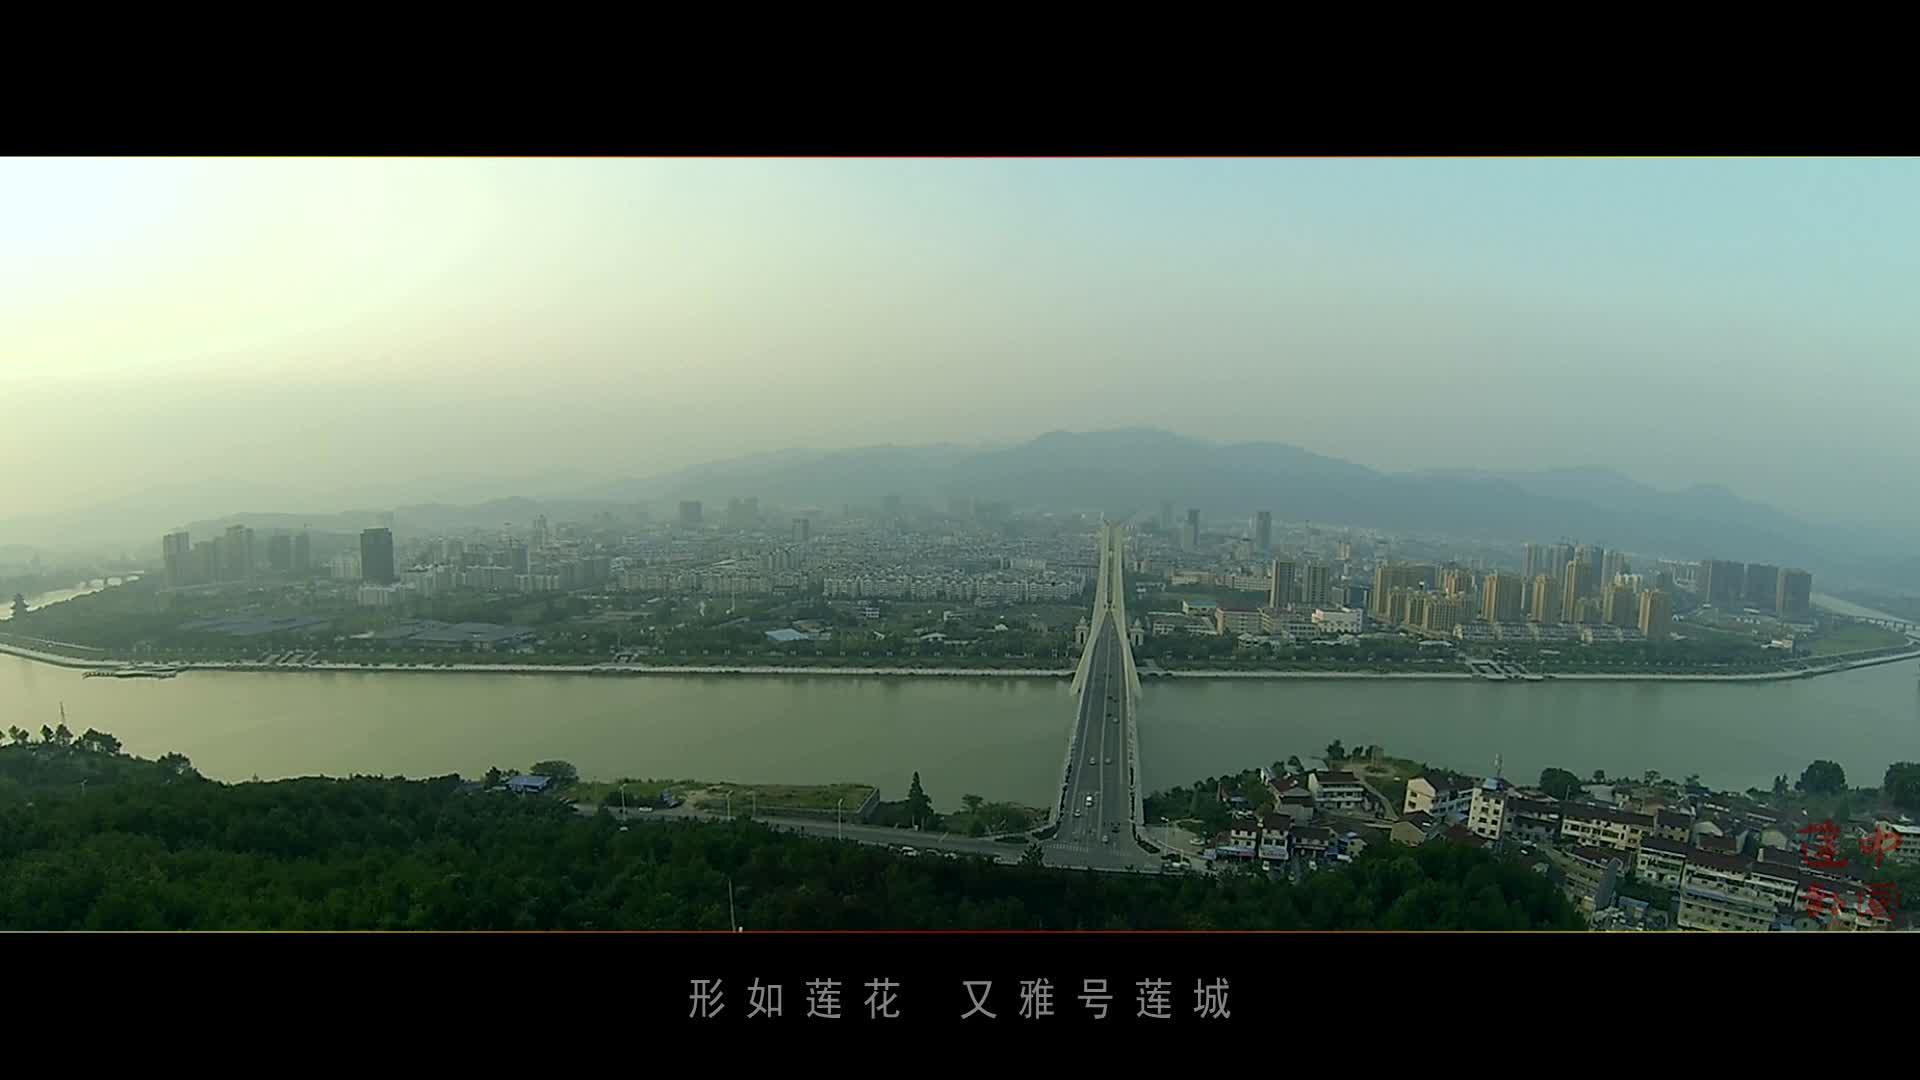 《中国·莲都》